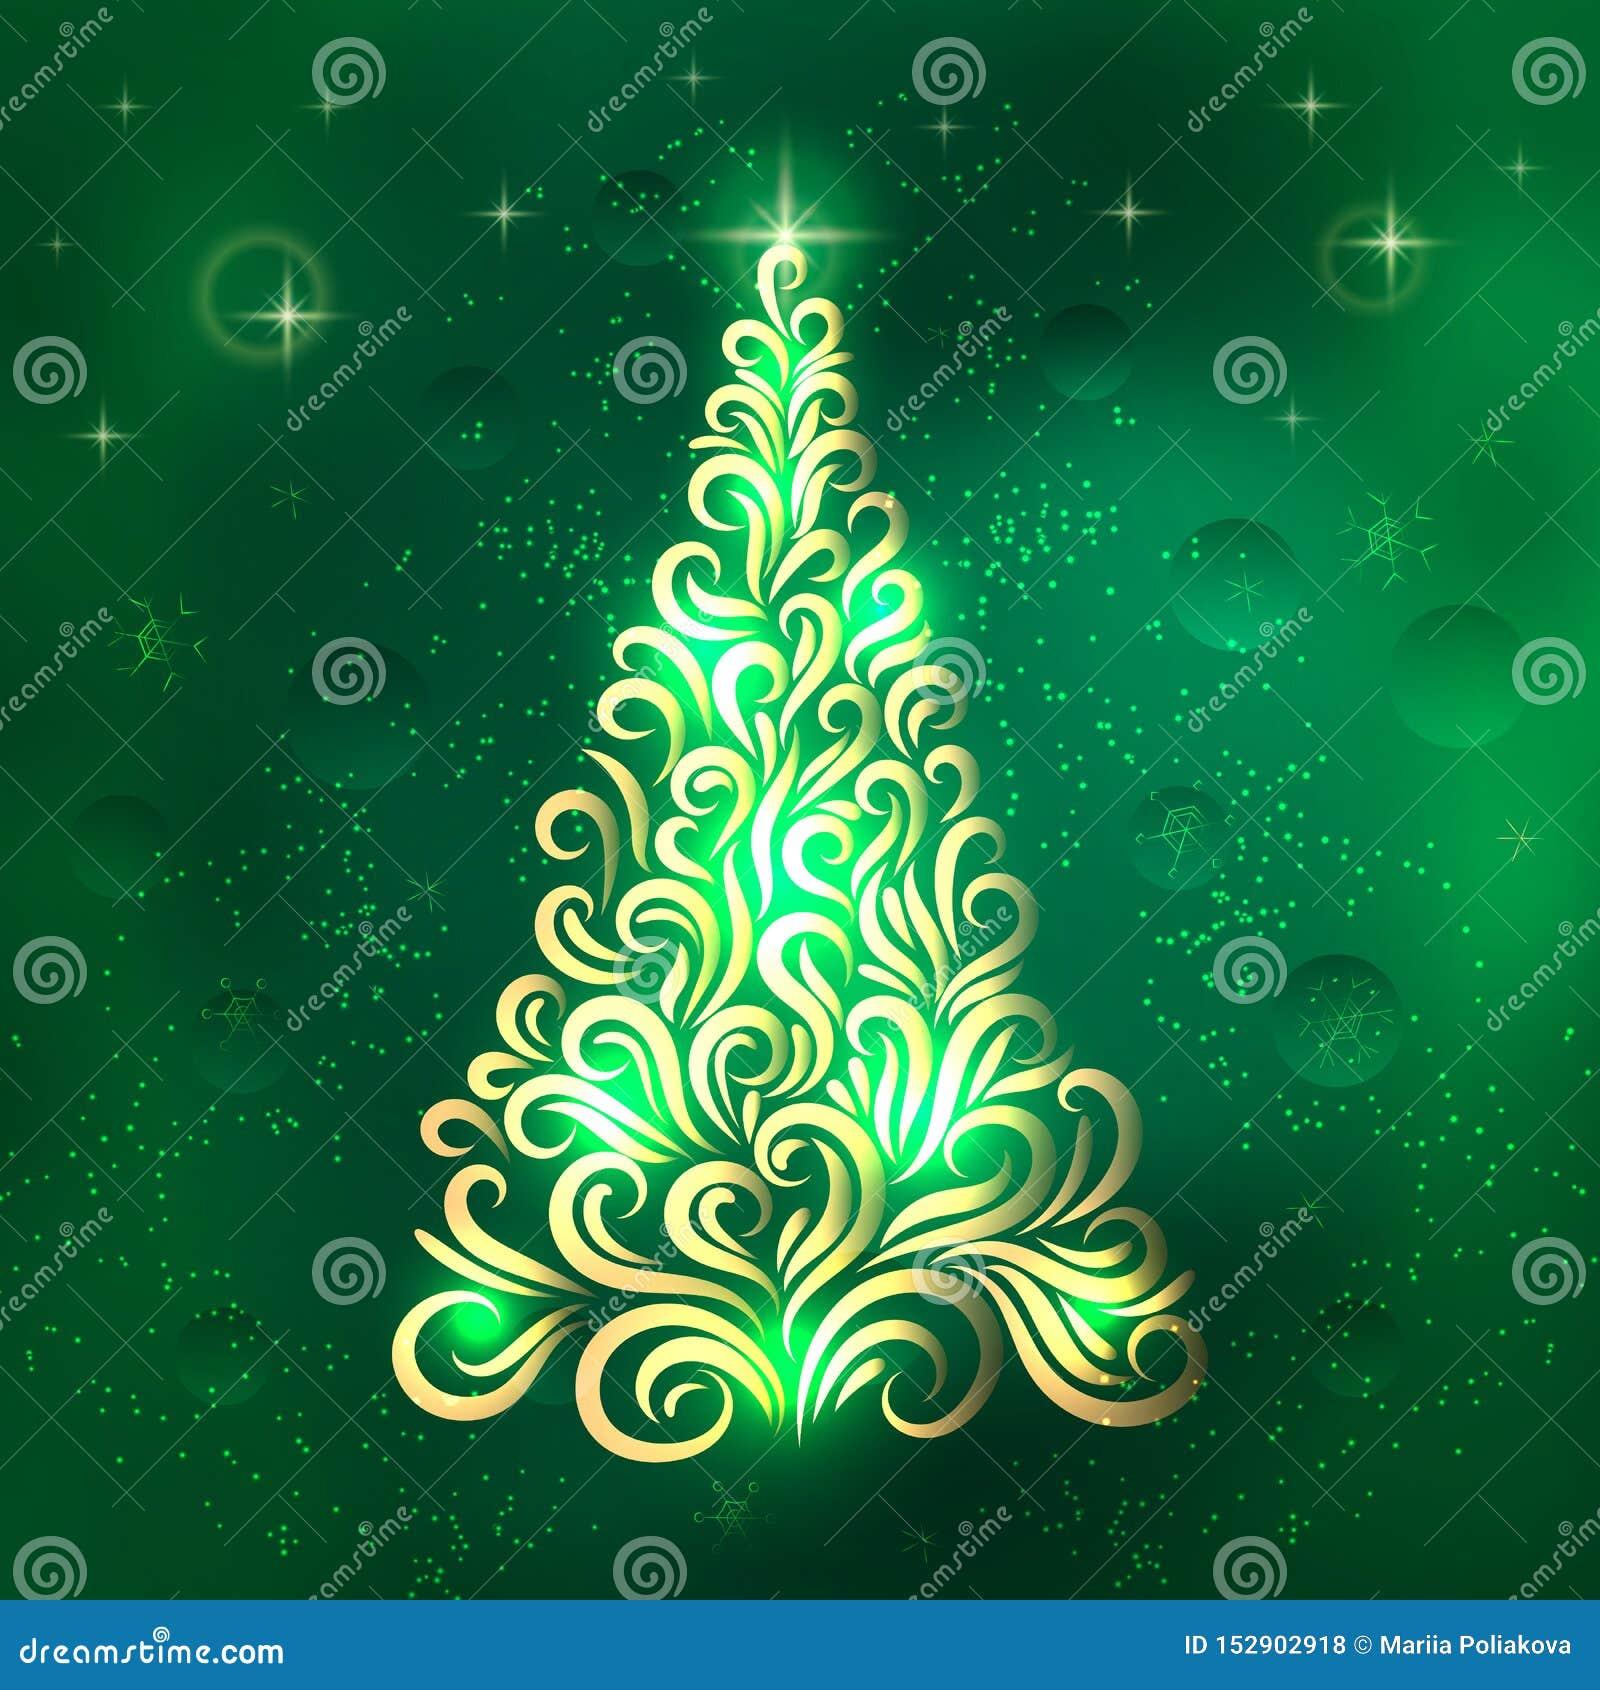 Weihnachtsbaum in den Grün- und Goldfarben Einladung des neuen Jahres gl?ckwunsch feier Winter Schneeflocken Sterne Vektorversion